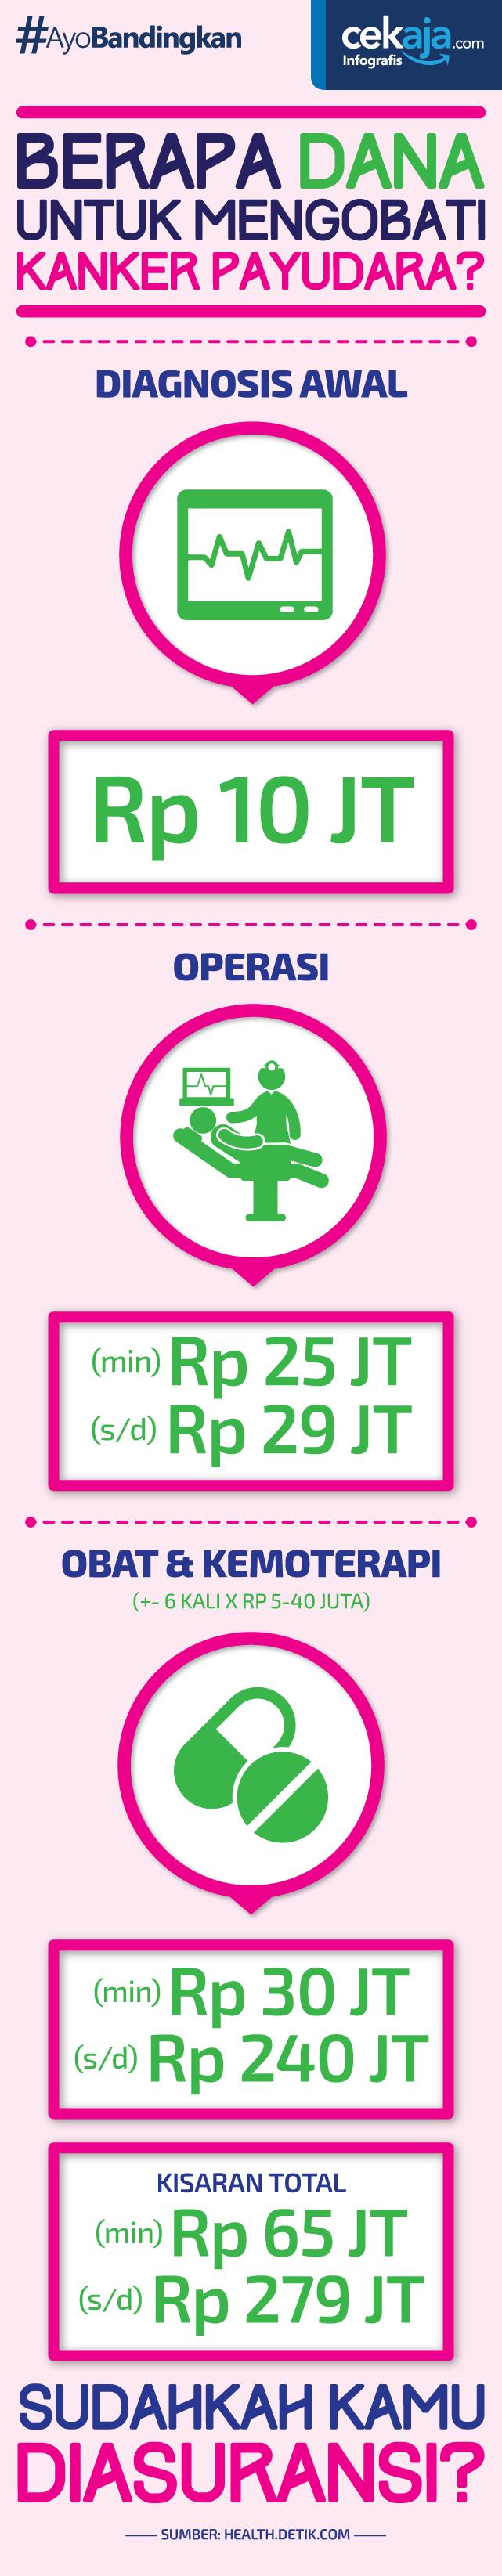 biaya pengobatan kanker payudara - CekAja